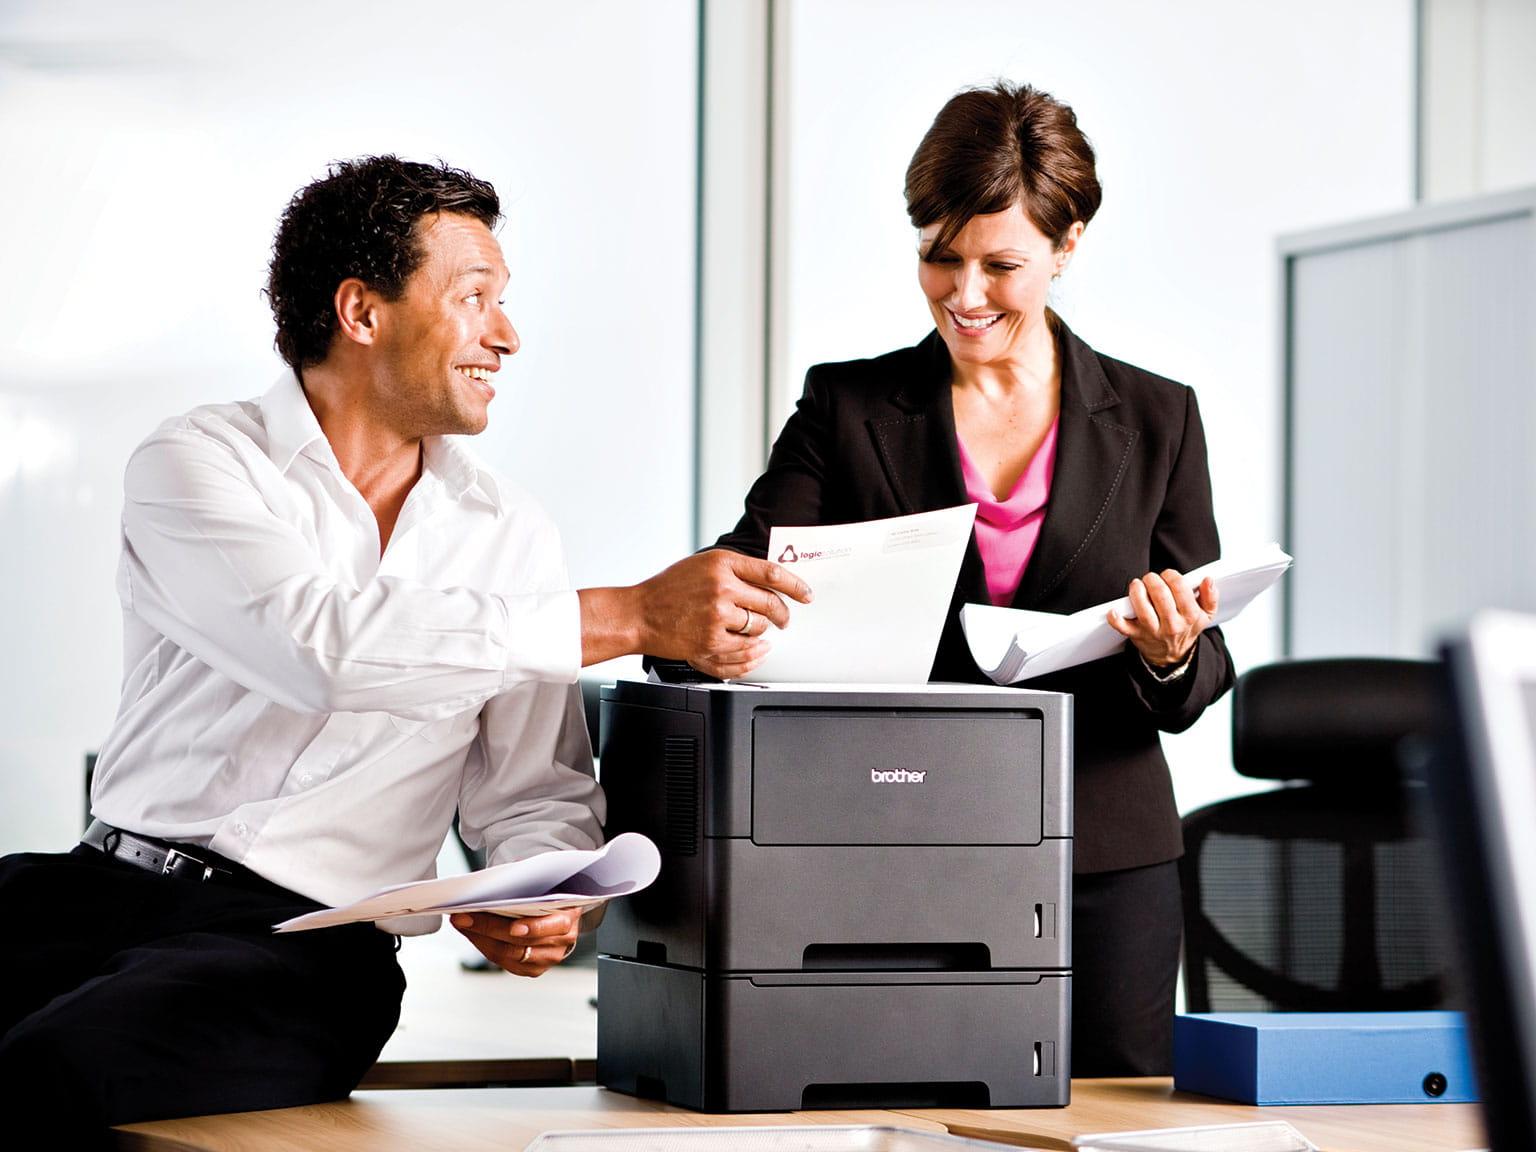 velika-podjetja-mps-storitev-upravljanje-tiskanja